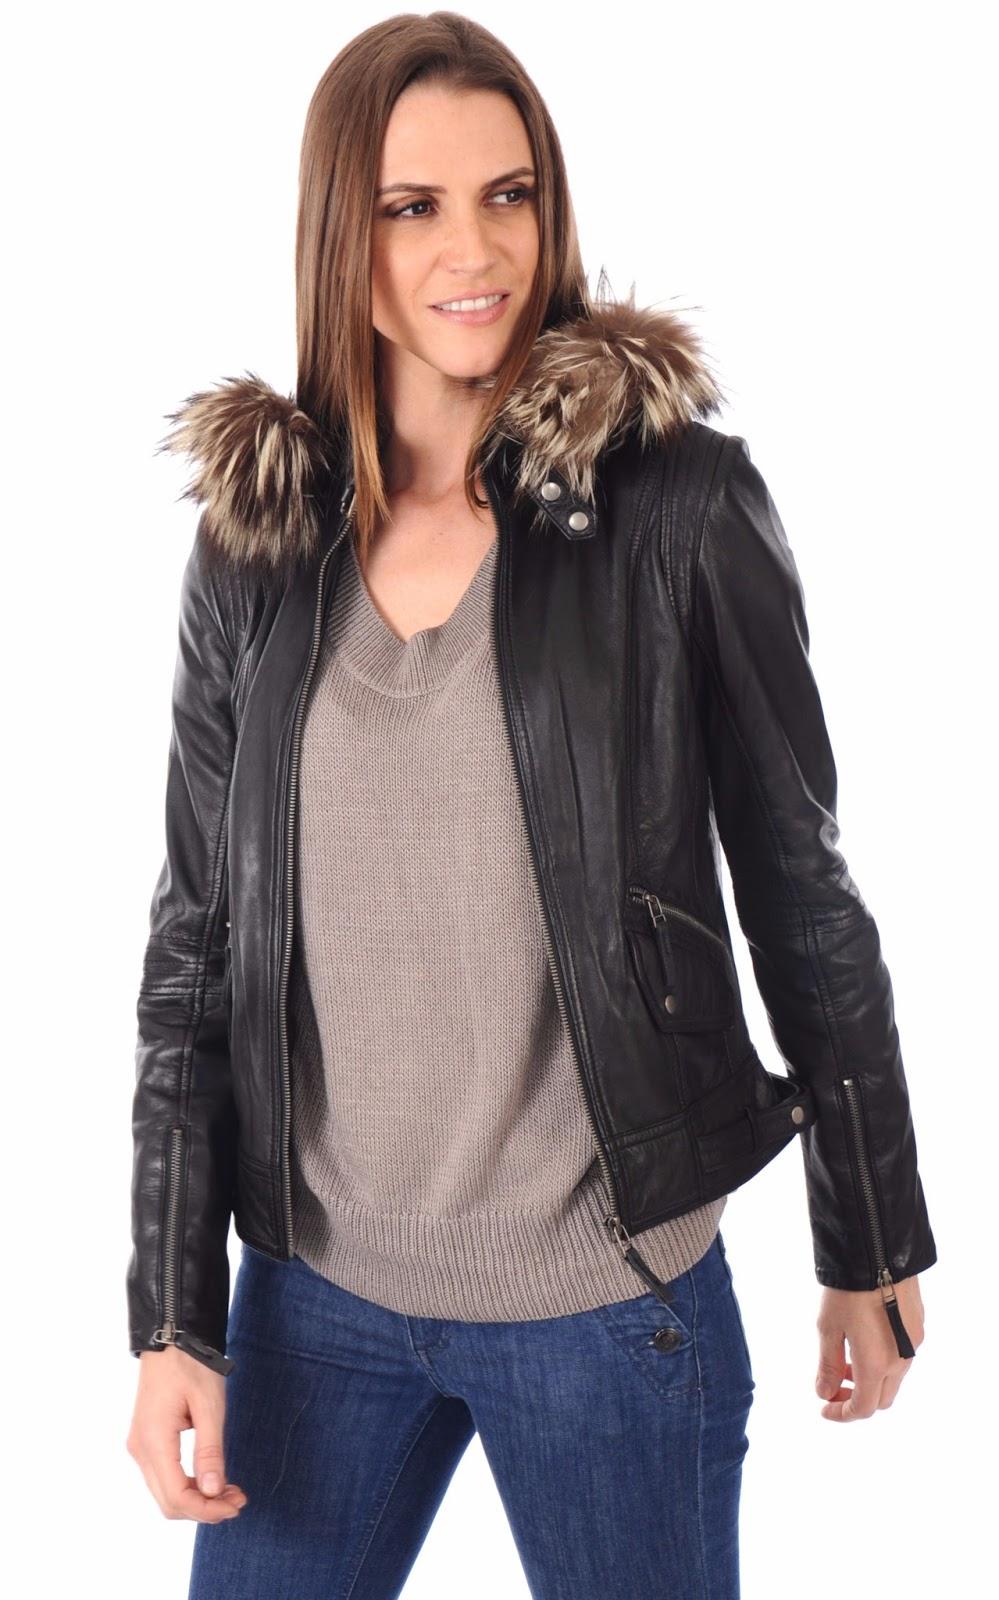 cc476517c9 Las chaquetas de cuero